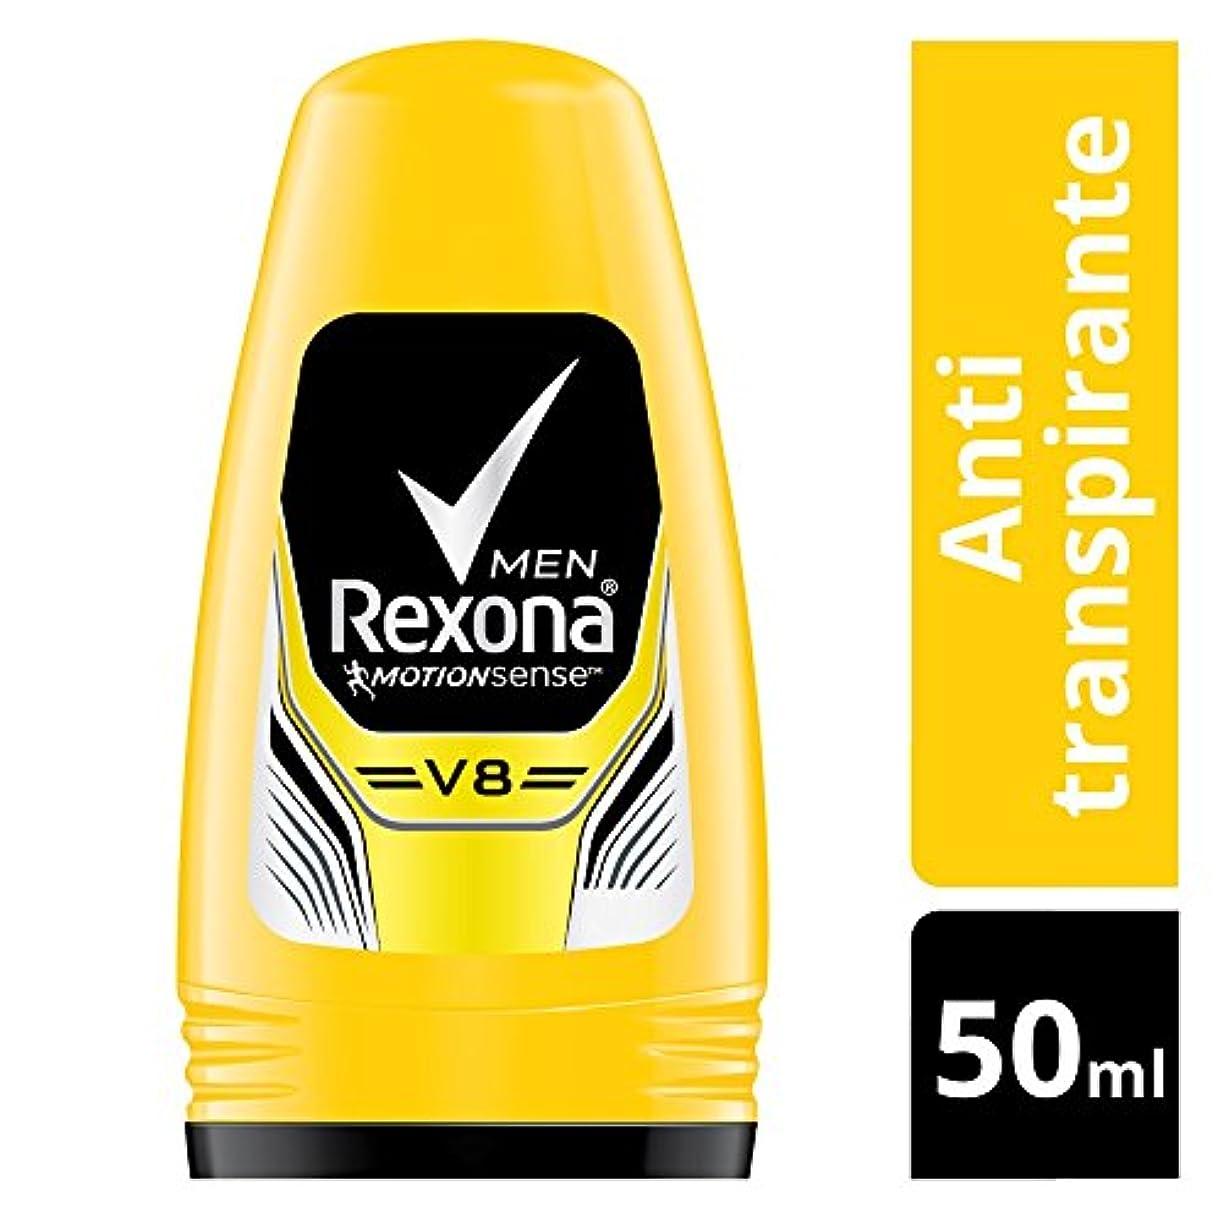 敬の念茎ノイズRexona Men レクソーナ メンズ ブラジル製デオドラント ロールオン?V8 ブイエイト 50ml